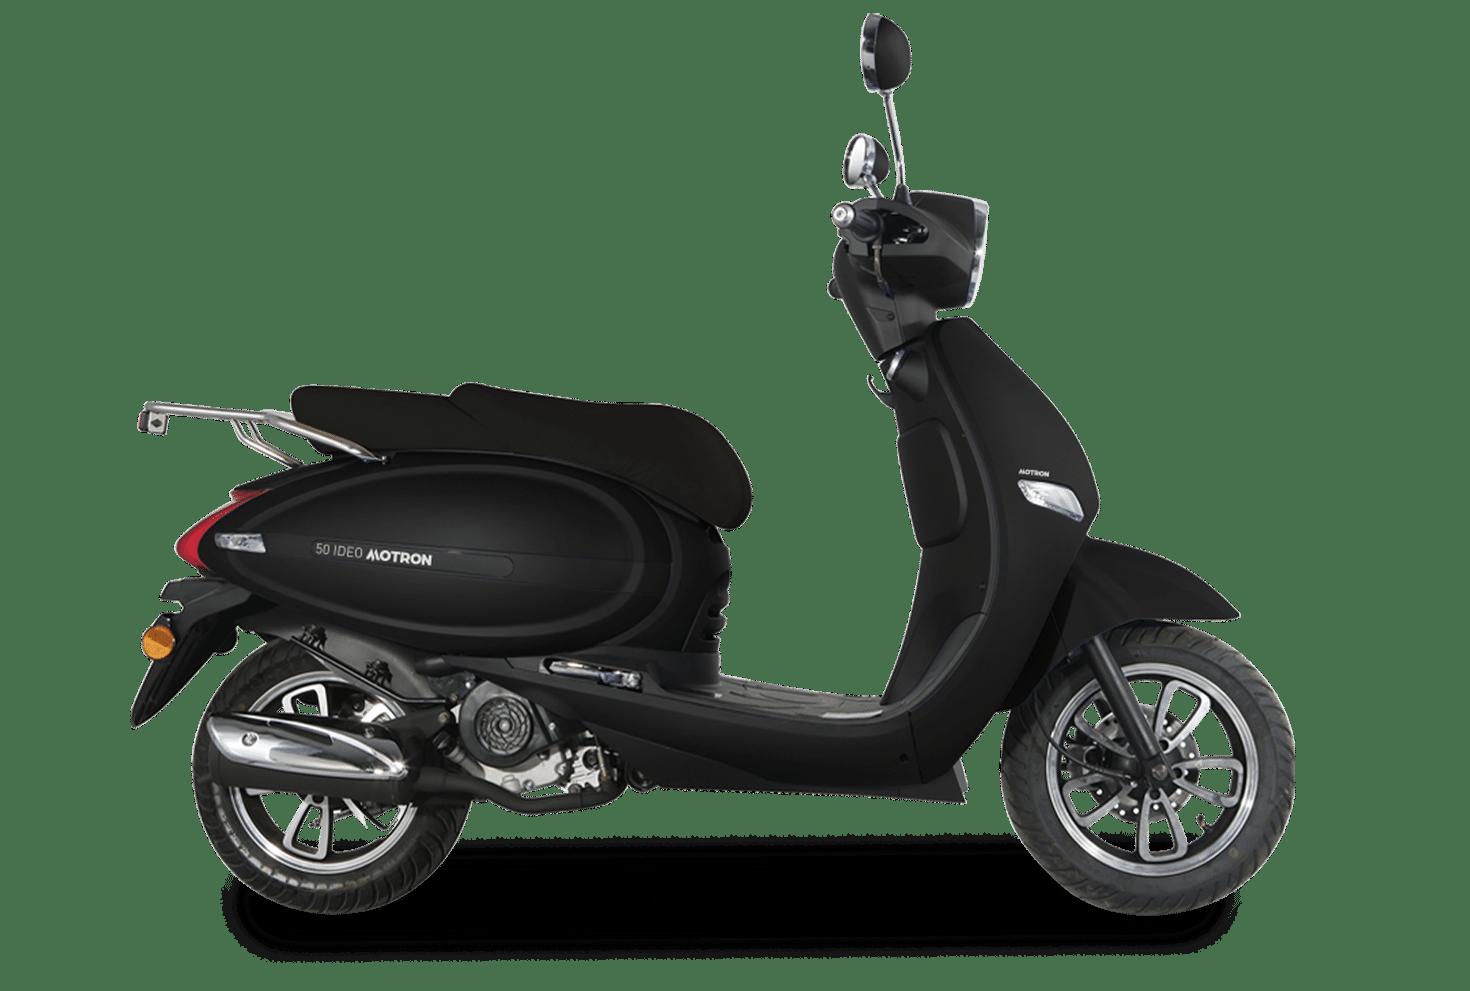 Motron Motorcycles - Ideo 50